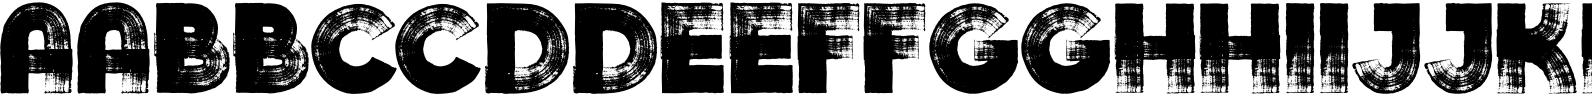 Maaark 2